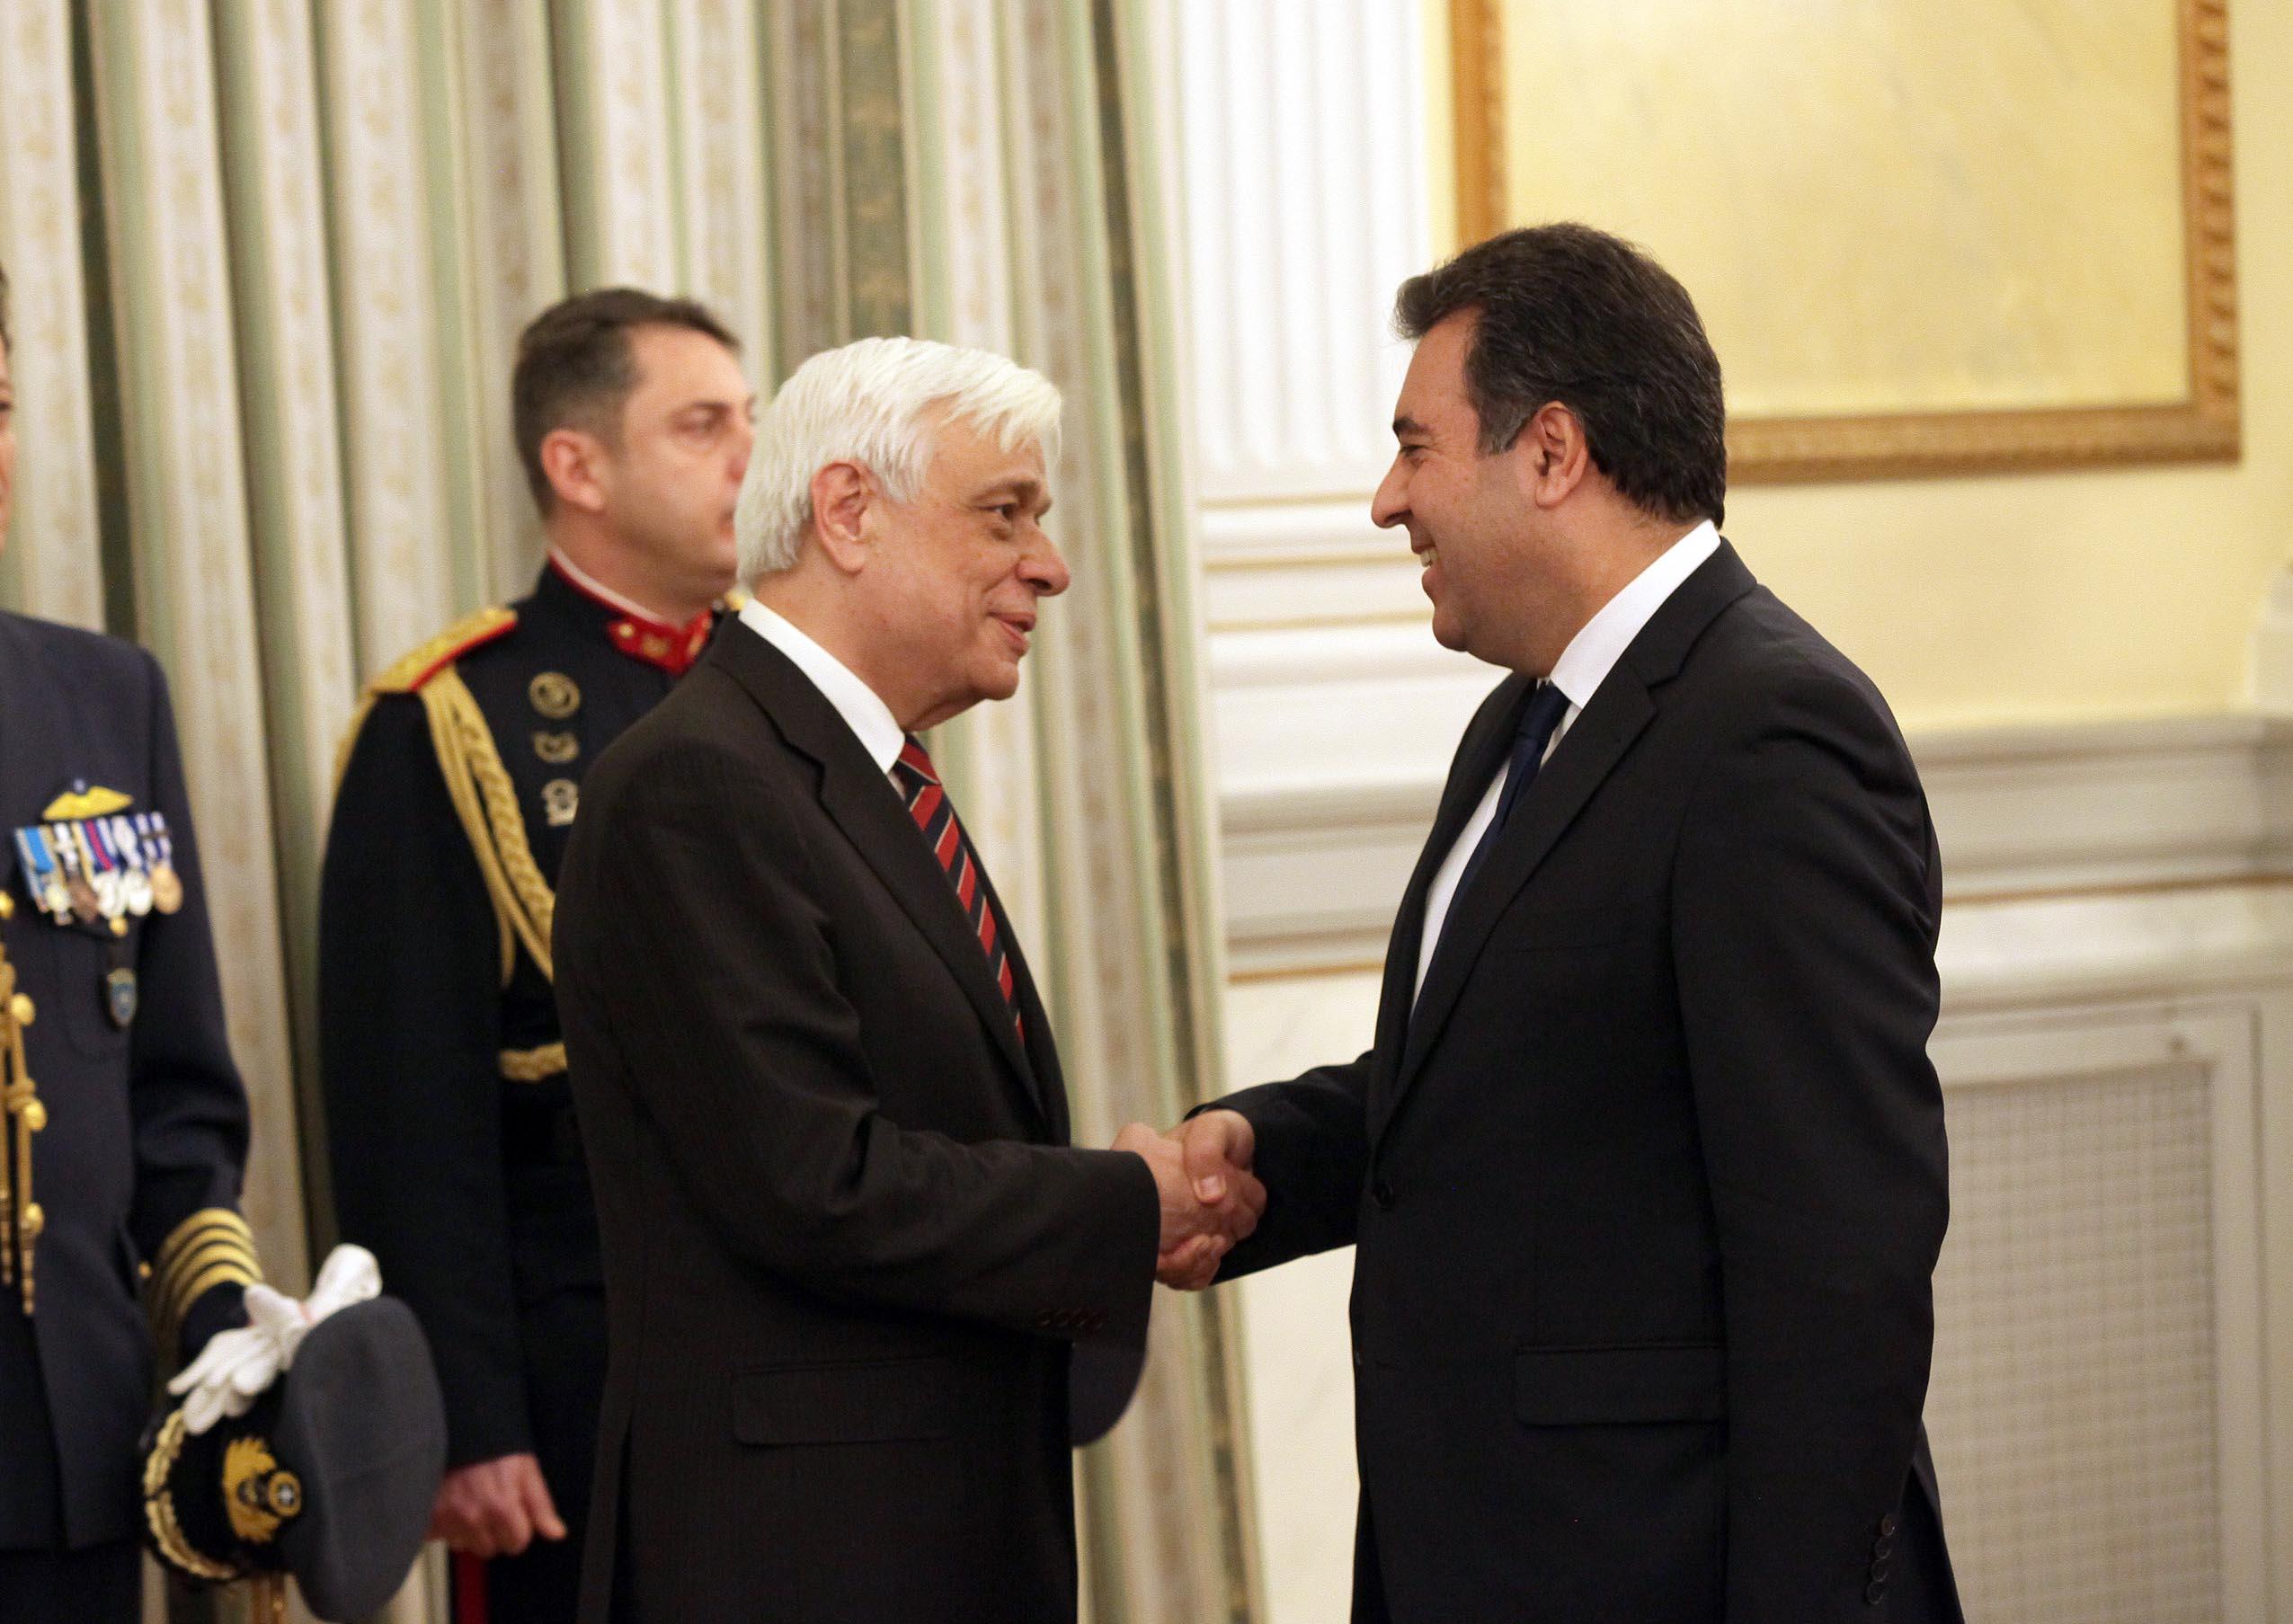 Ο Πρόεδρος της Δημοκρατίας Προκόπης Παυλόπουλος και ο βουλευτής Δωδεκανήσου Μάνος Κόνσολας